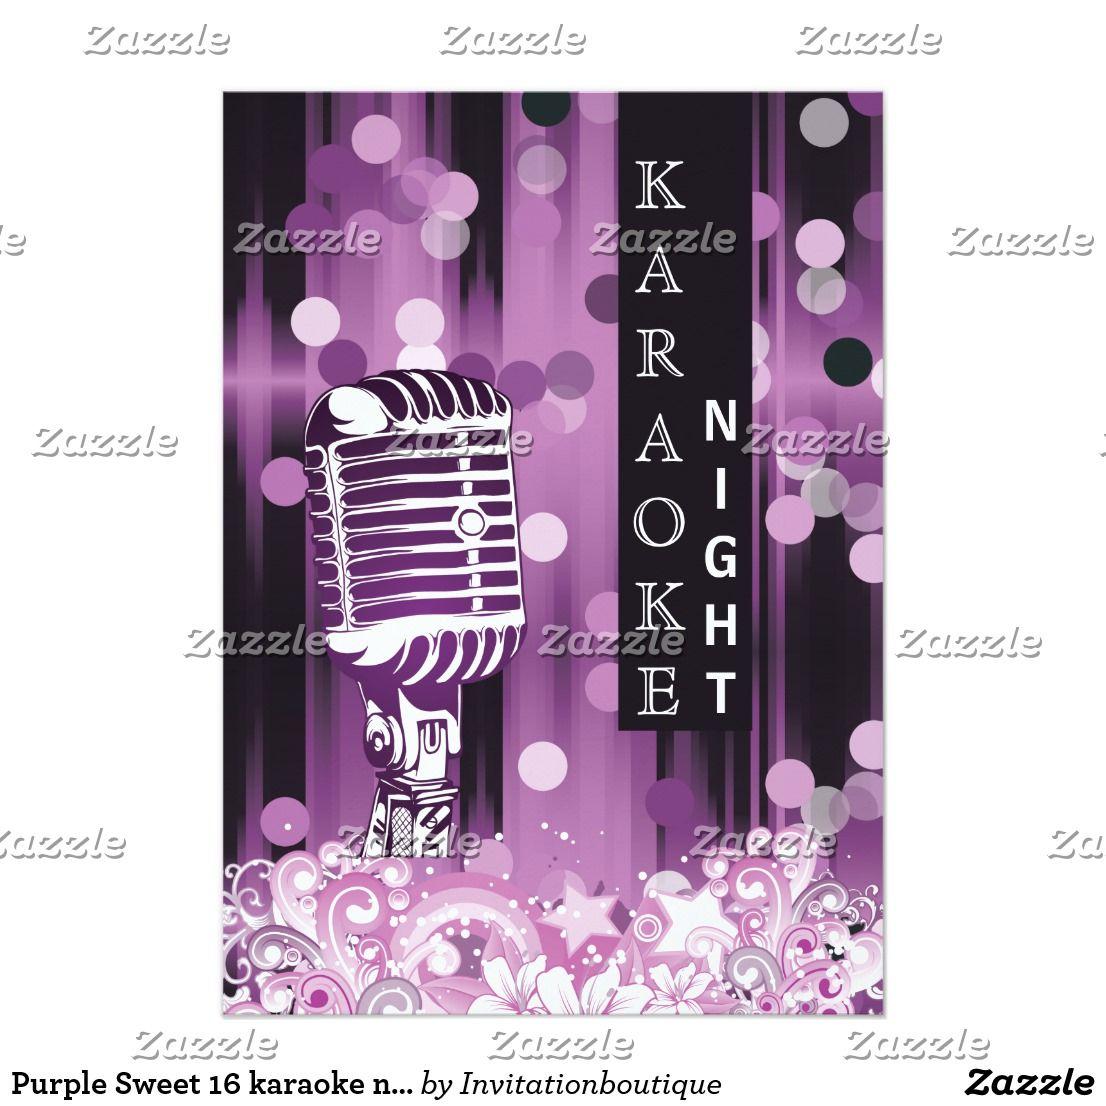 Purple Sweet 16 karaoke night party Invitation | Purple sweet 16 ...